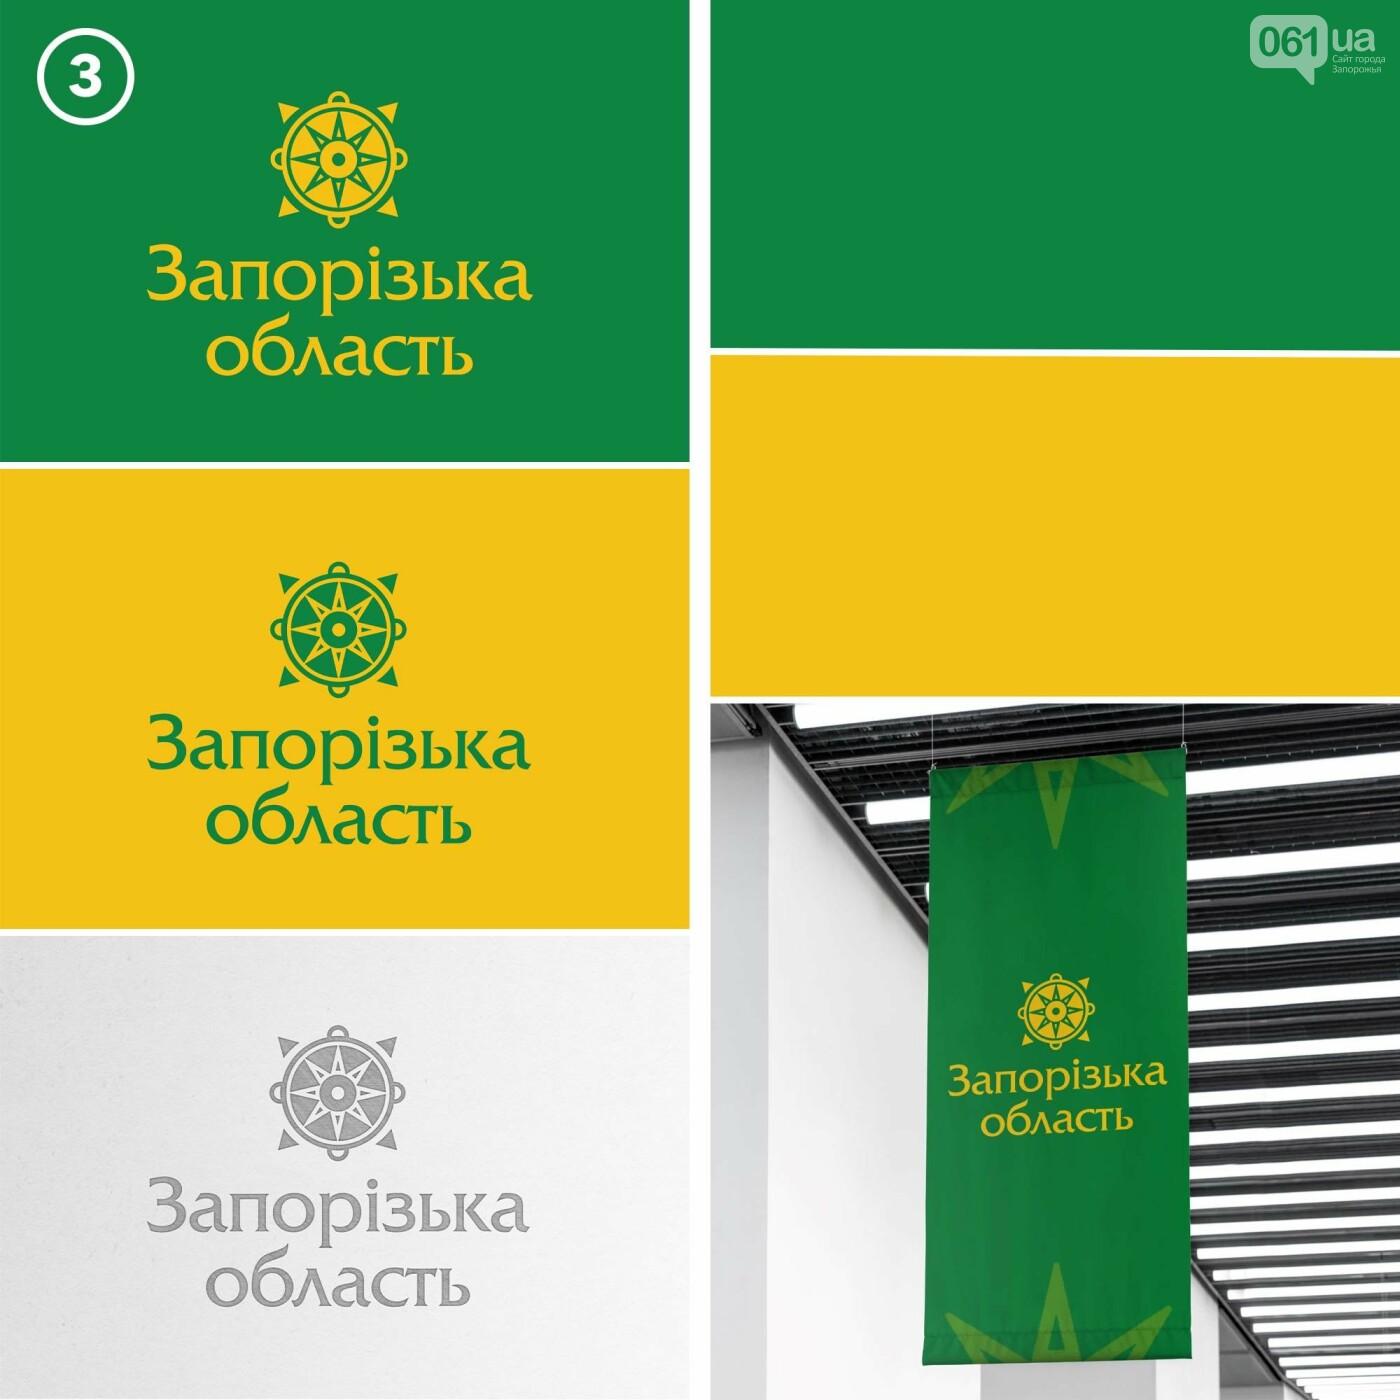 Булава, церковь на Хортице и компас: стартовало голосование за логотип и айдентику Запорожской области, фото-3